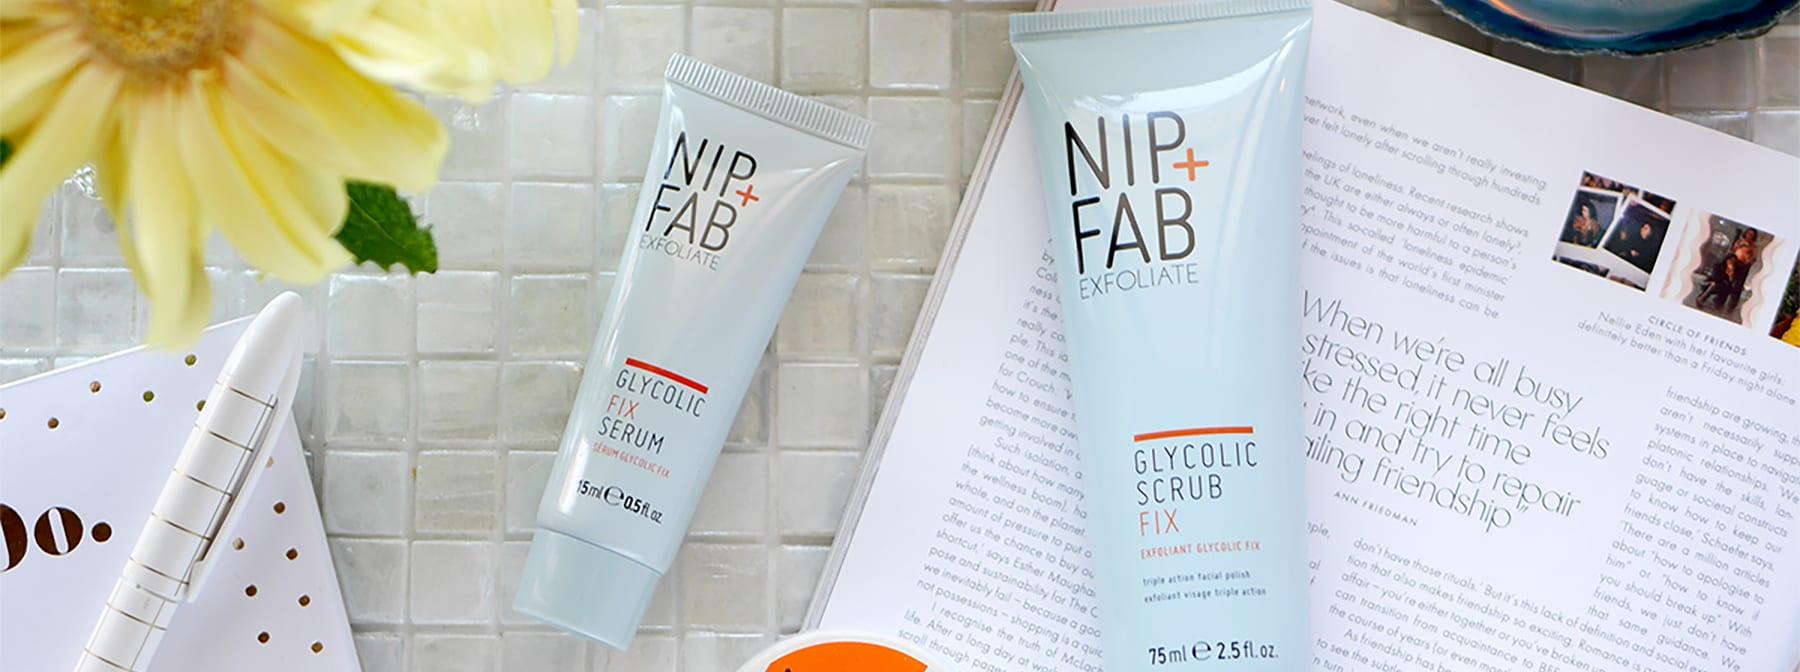 プチプラスキンケアブランド NIP+FABの角質ケアアイテムで夏のゴワゴワ肌を集中ケア